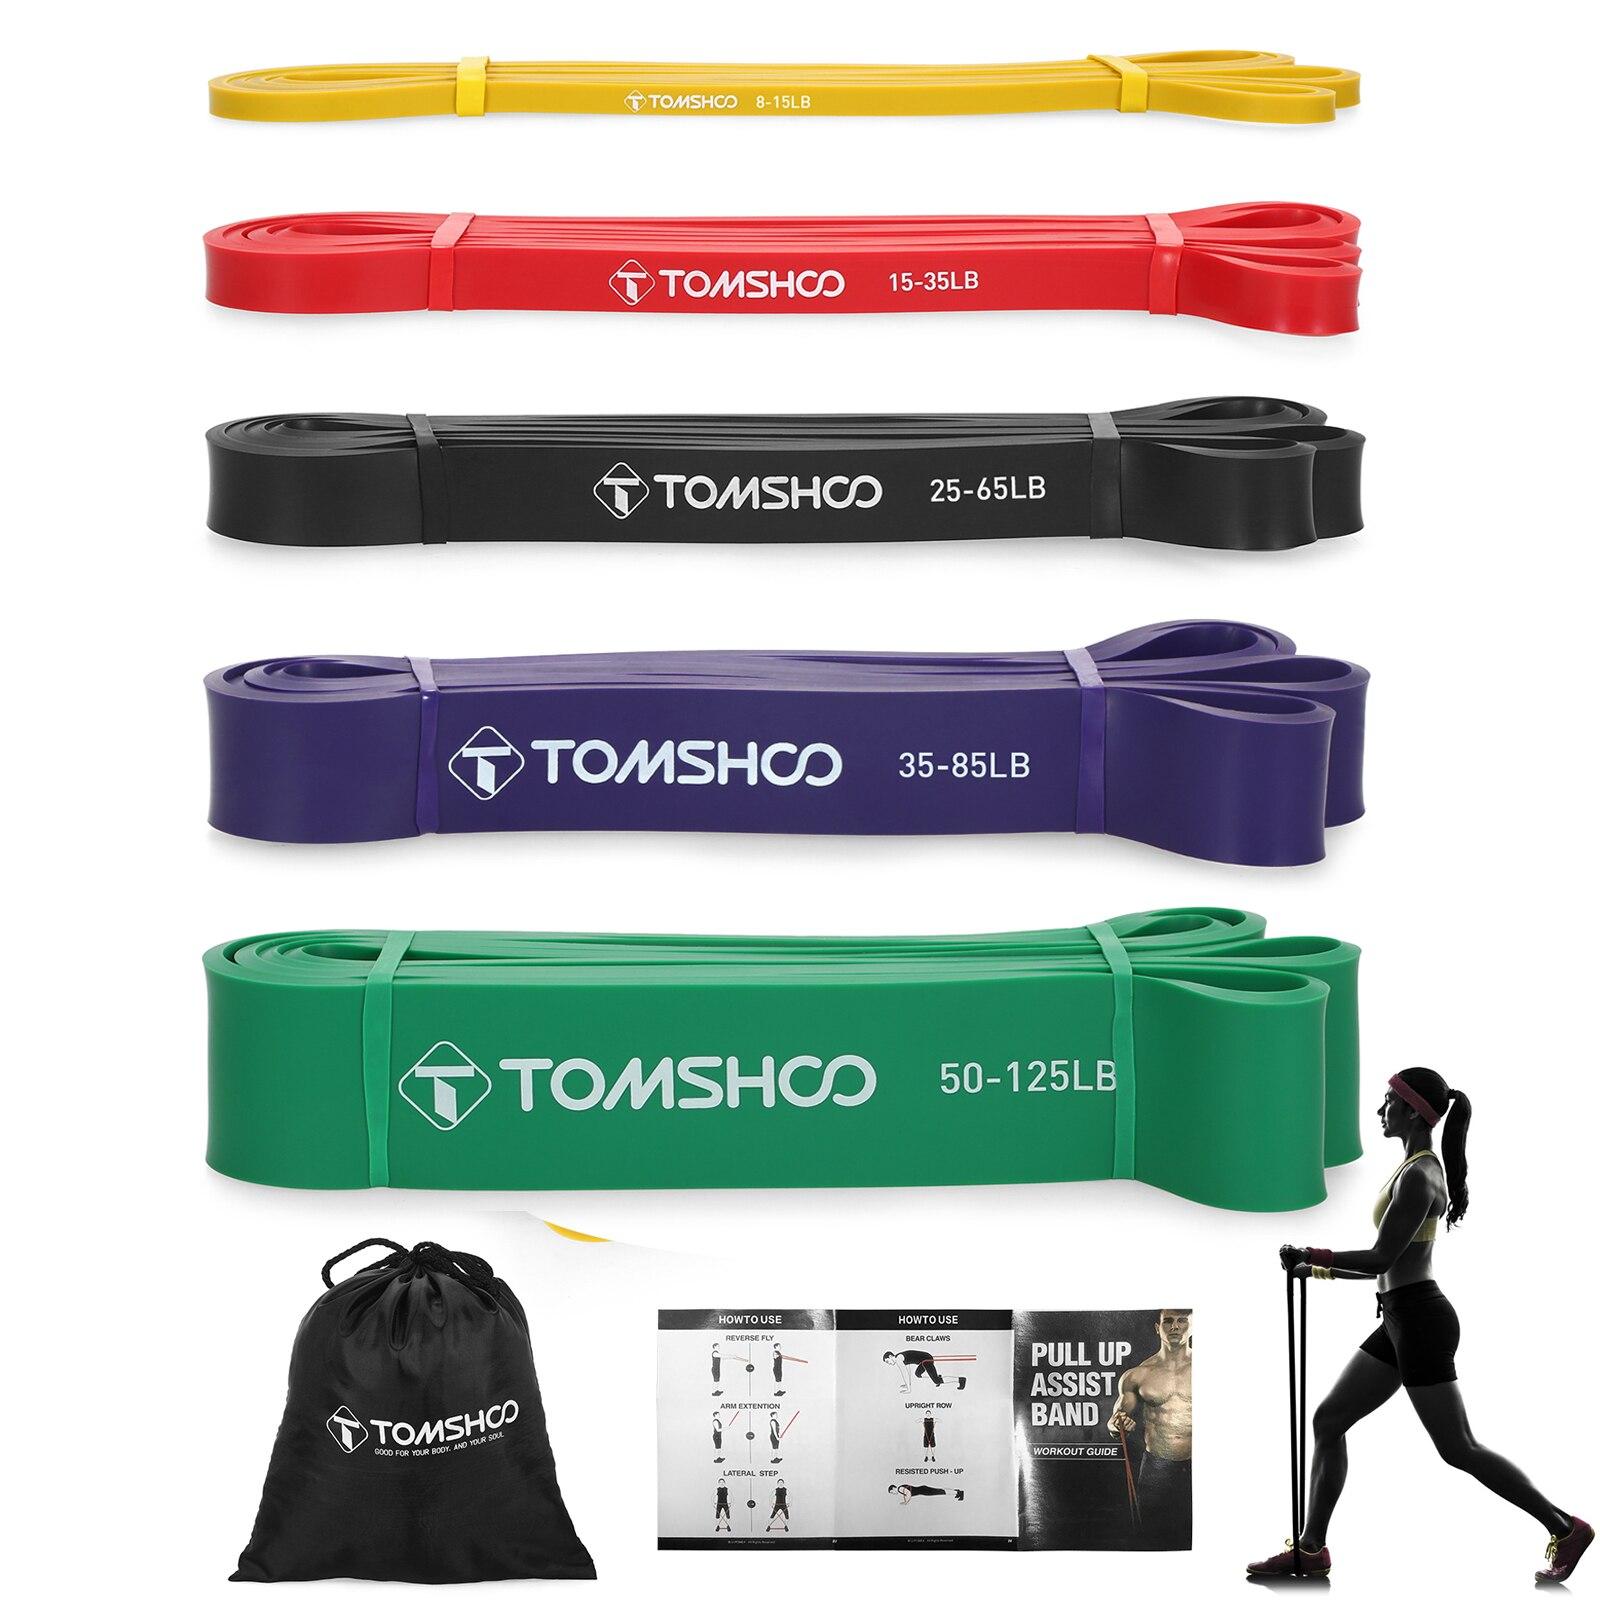 TOMSHOO 4pcs Pull Up Assist Bands Set fasce elastiche di resistenza Powerlifting allenamento esercizio fasce elastiche con borsa per il trasporto